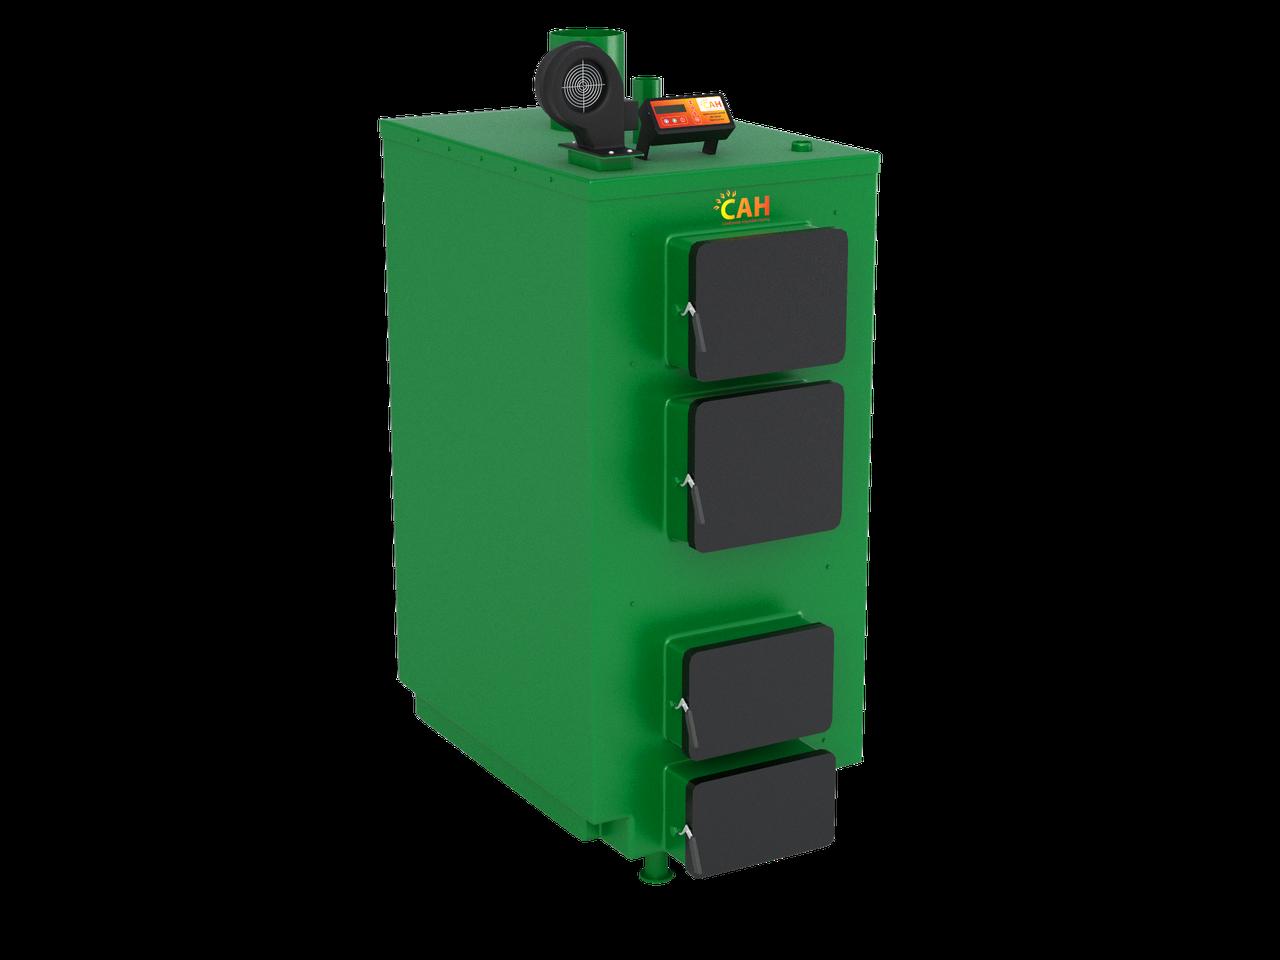 Твердотопливный котел САН серии ПТ мощностью 65 кВт